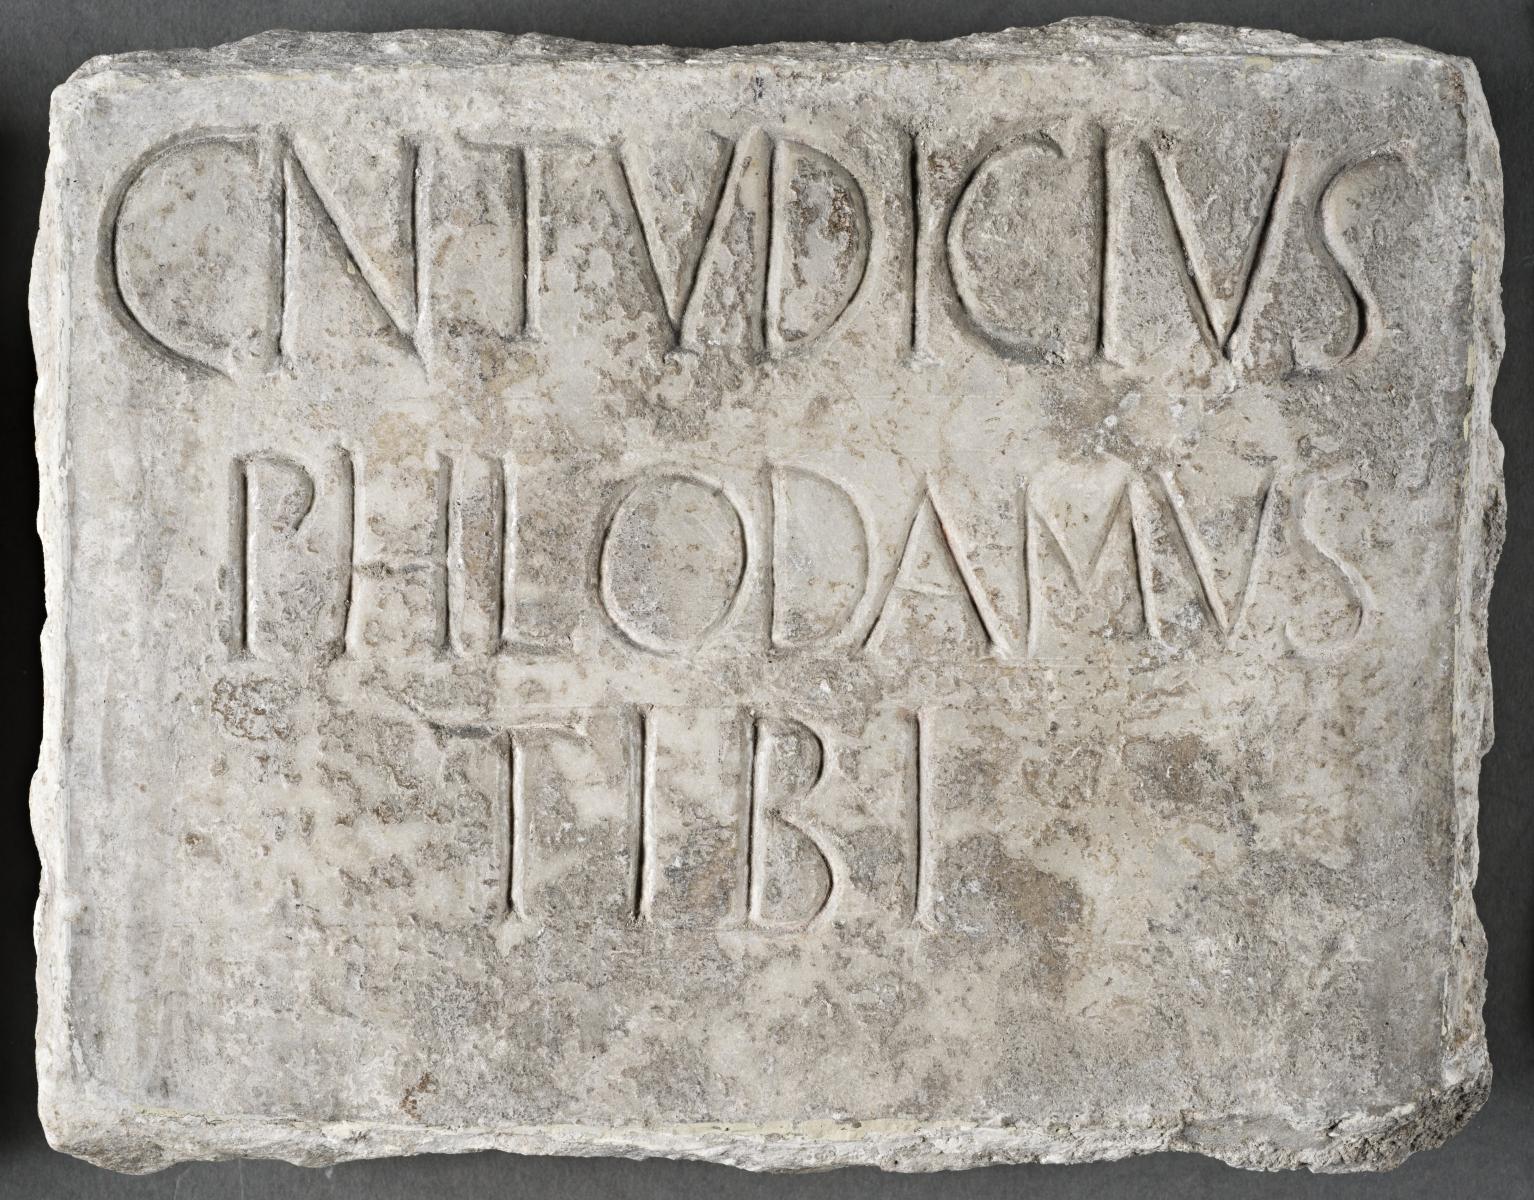 Columbarium plaque for Gnaeus Tudicius Philodamus